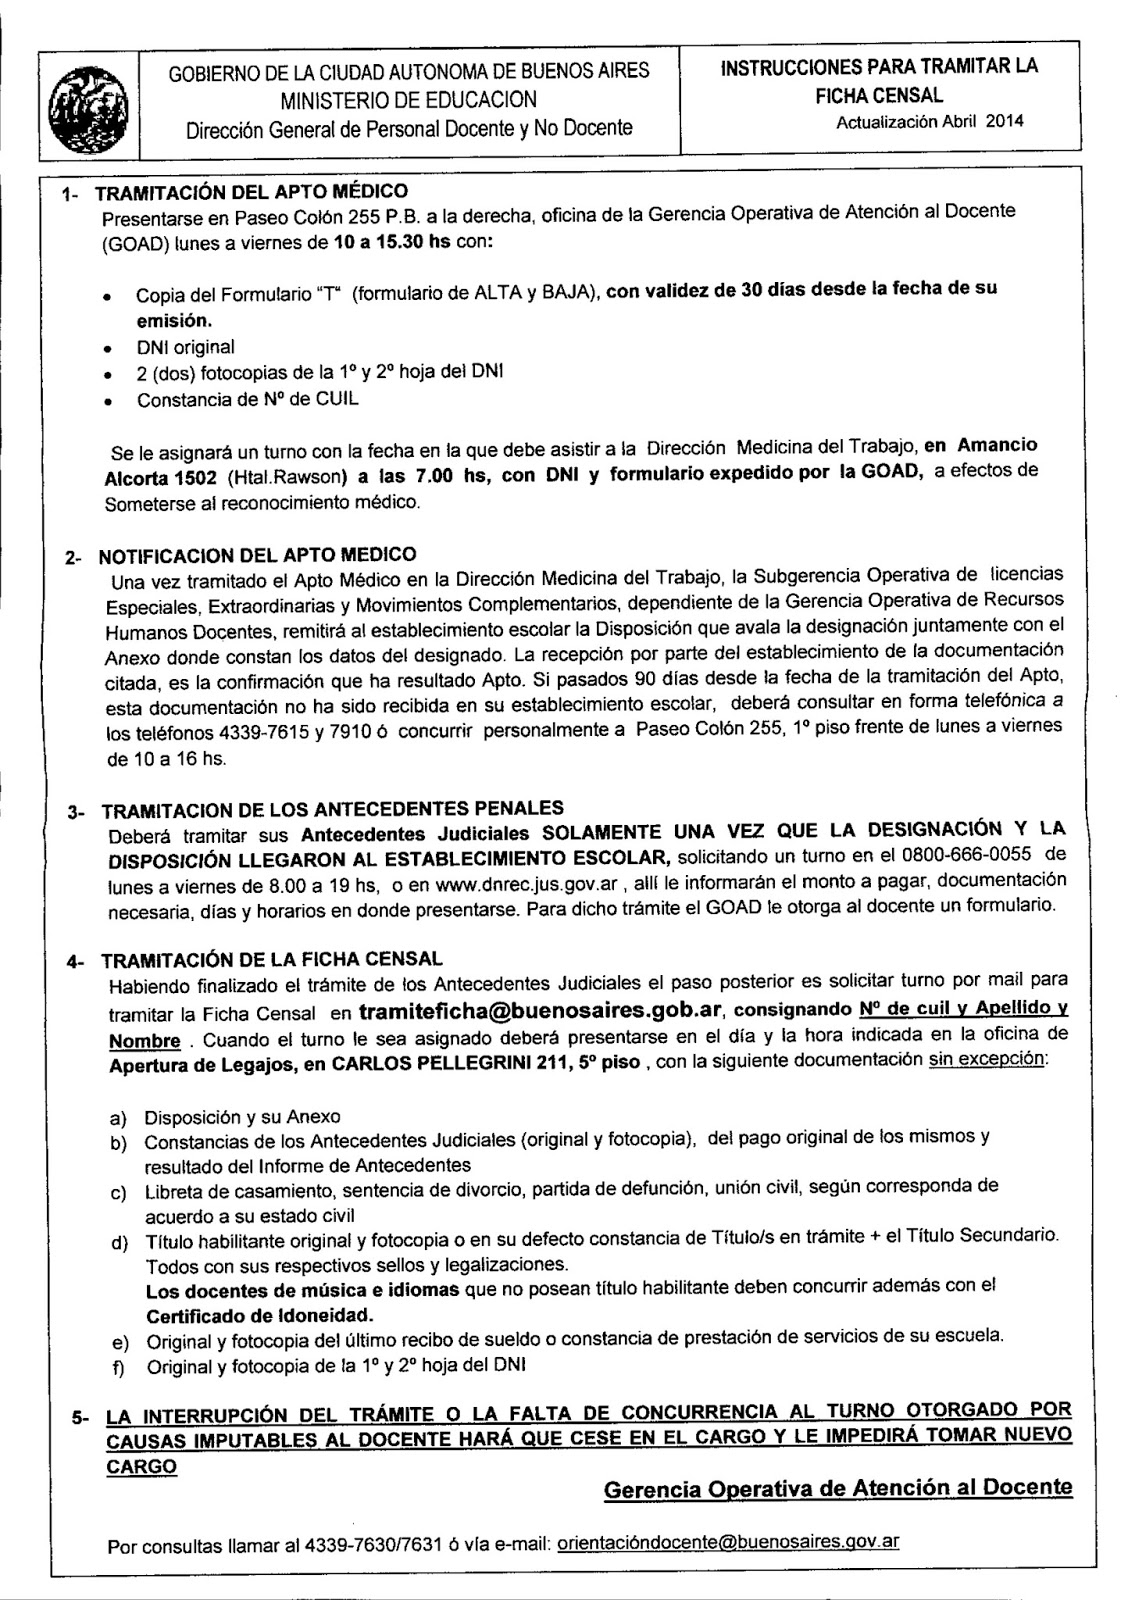 Instrucciones para tramitar la Ficha Censal